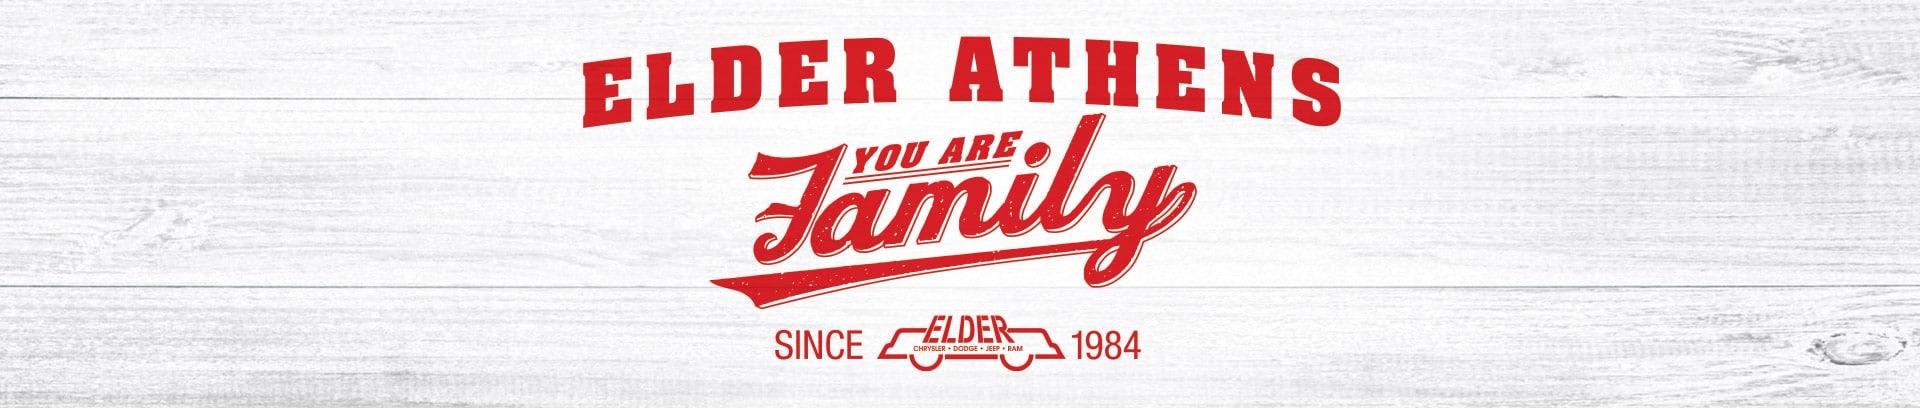 Elder Athens Dodge Branded Campaign